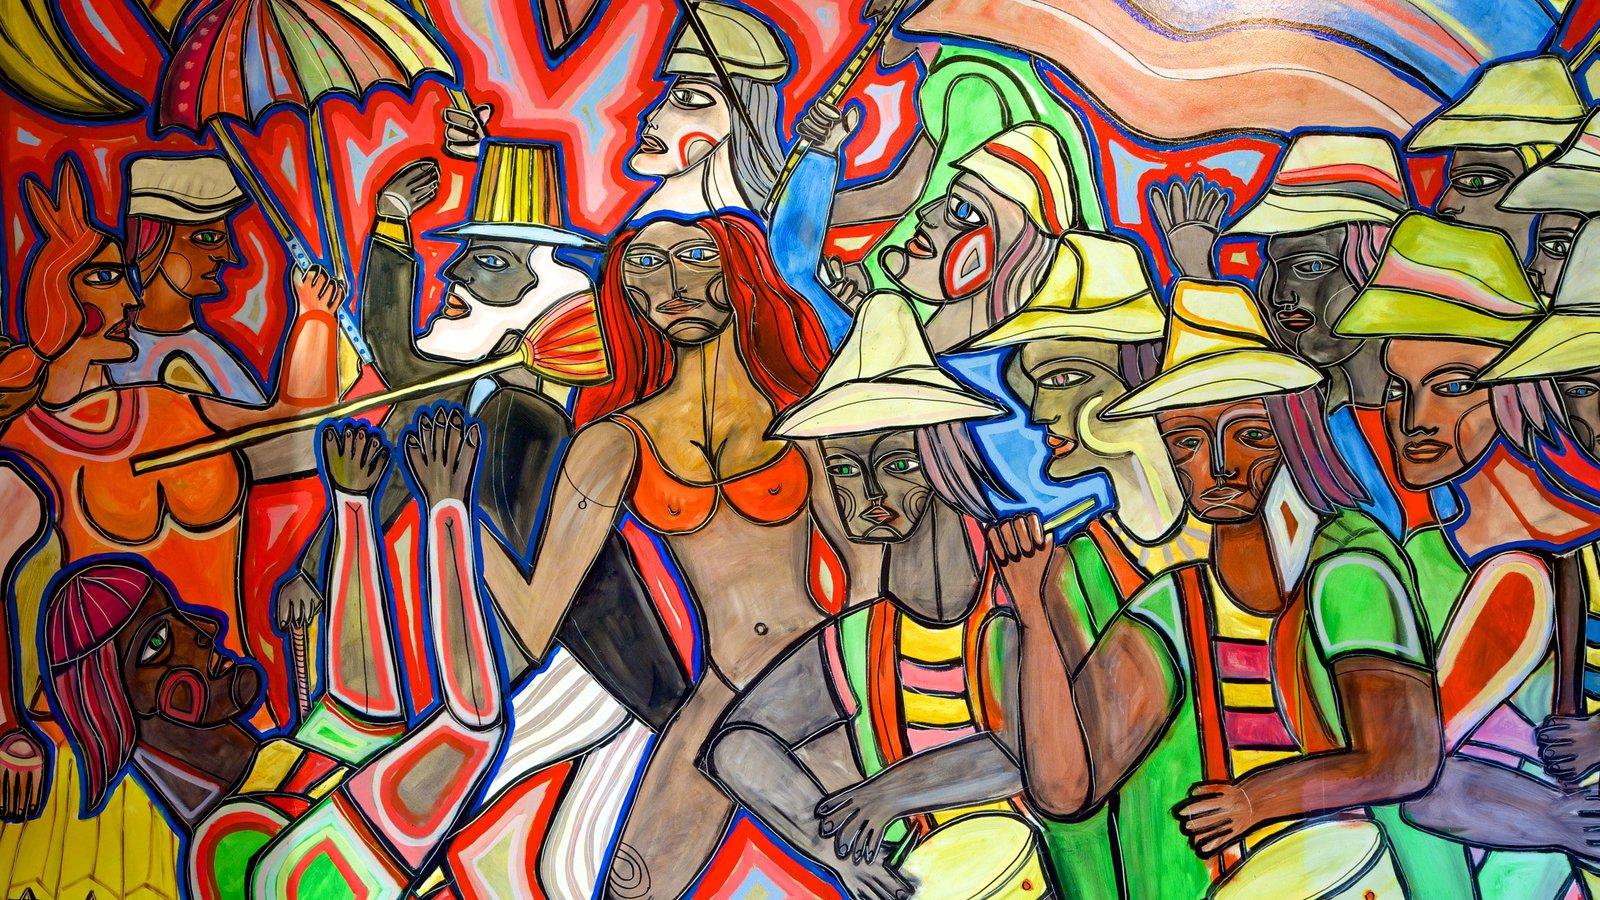 Montevidéu mostrando arte